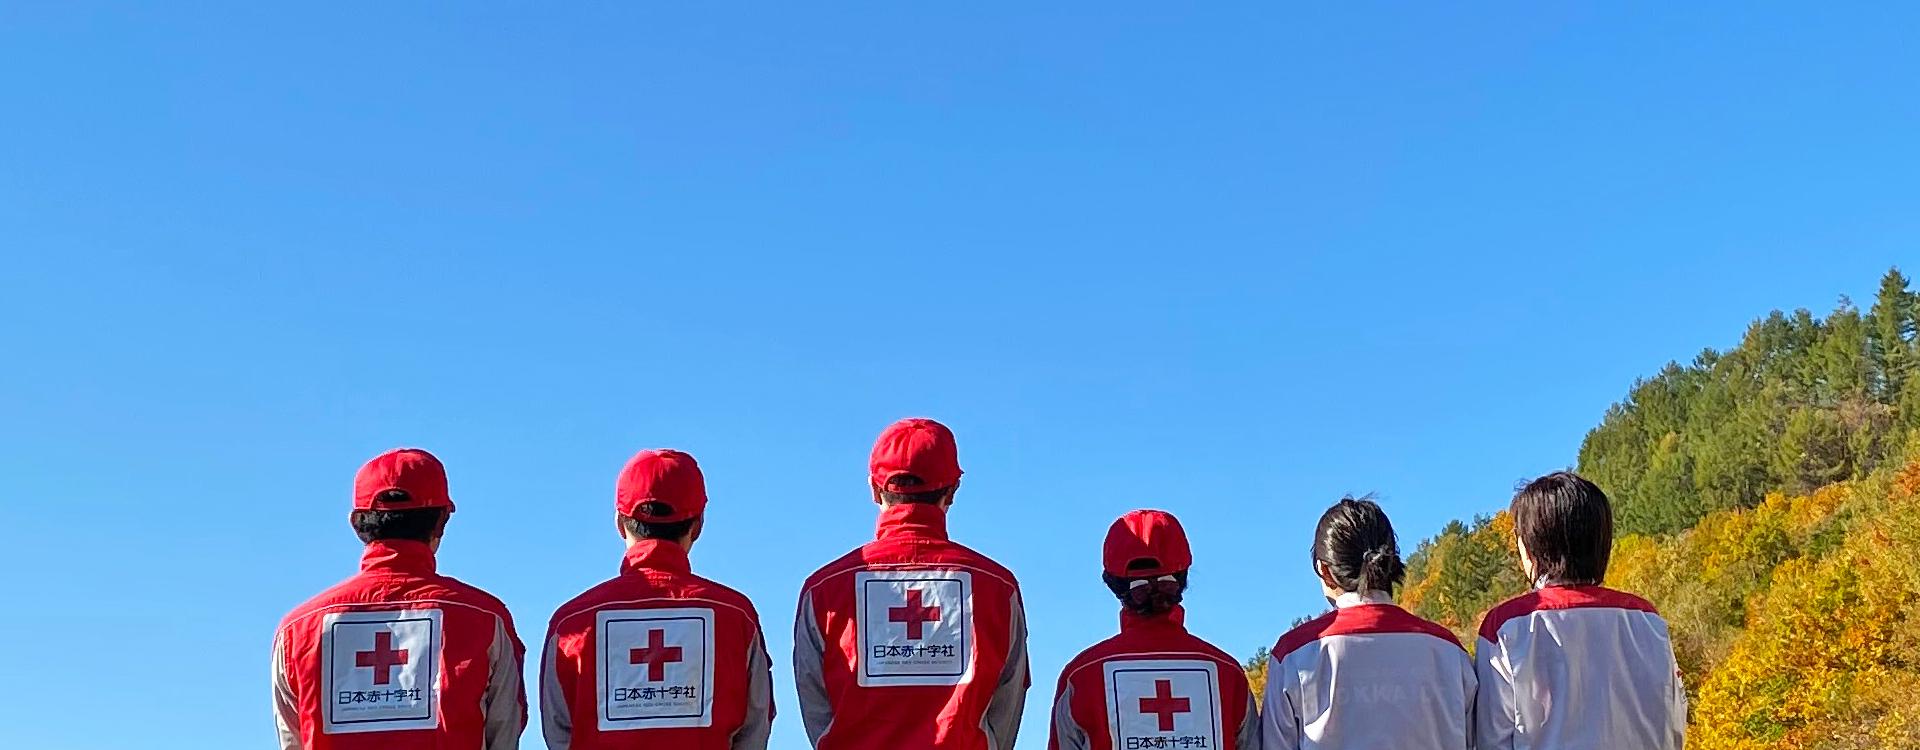 置戸赤十字病院